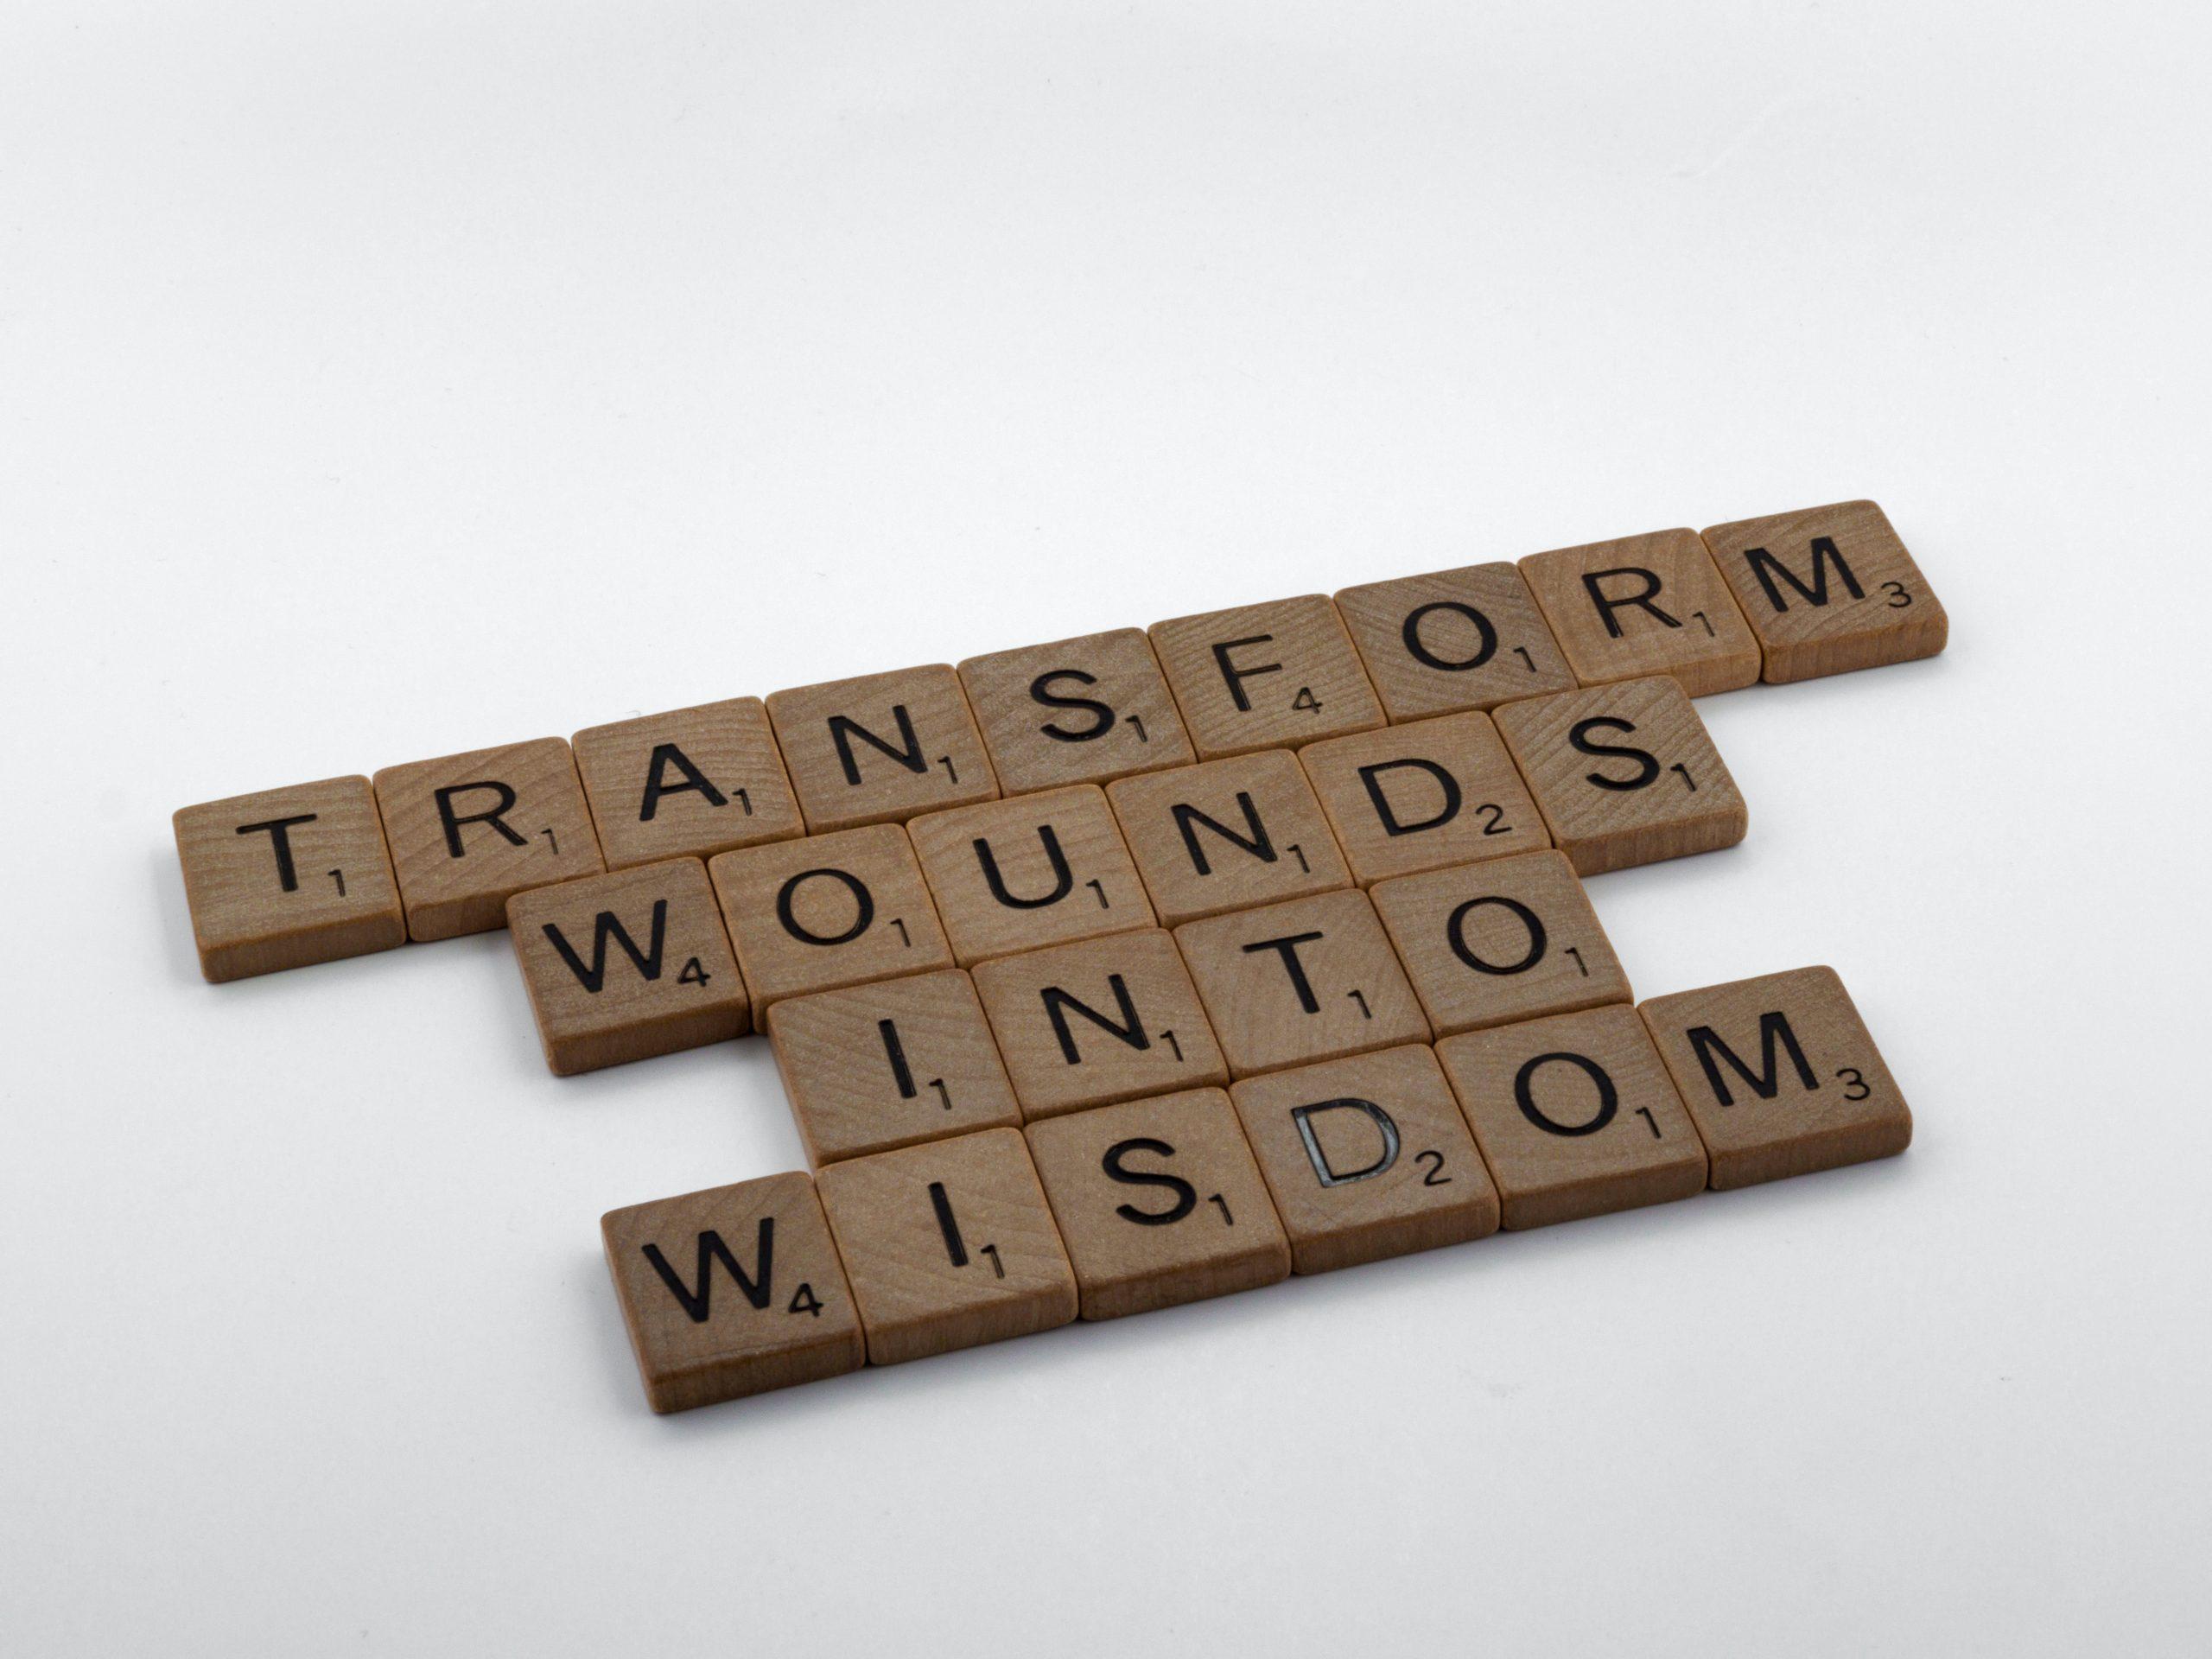 Transform wounds into wisdom